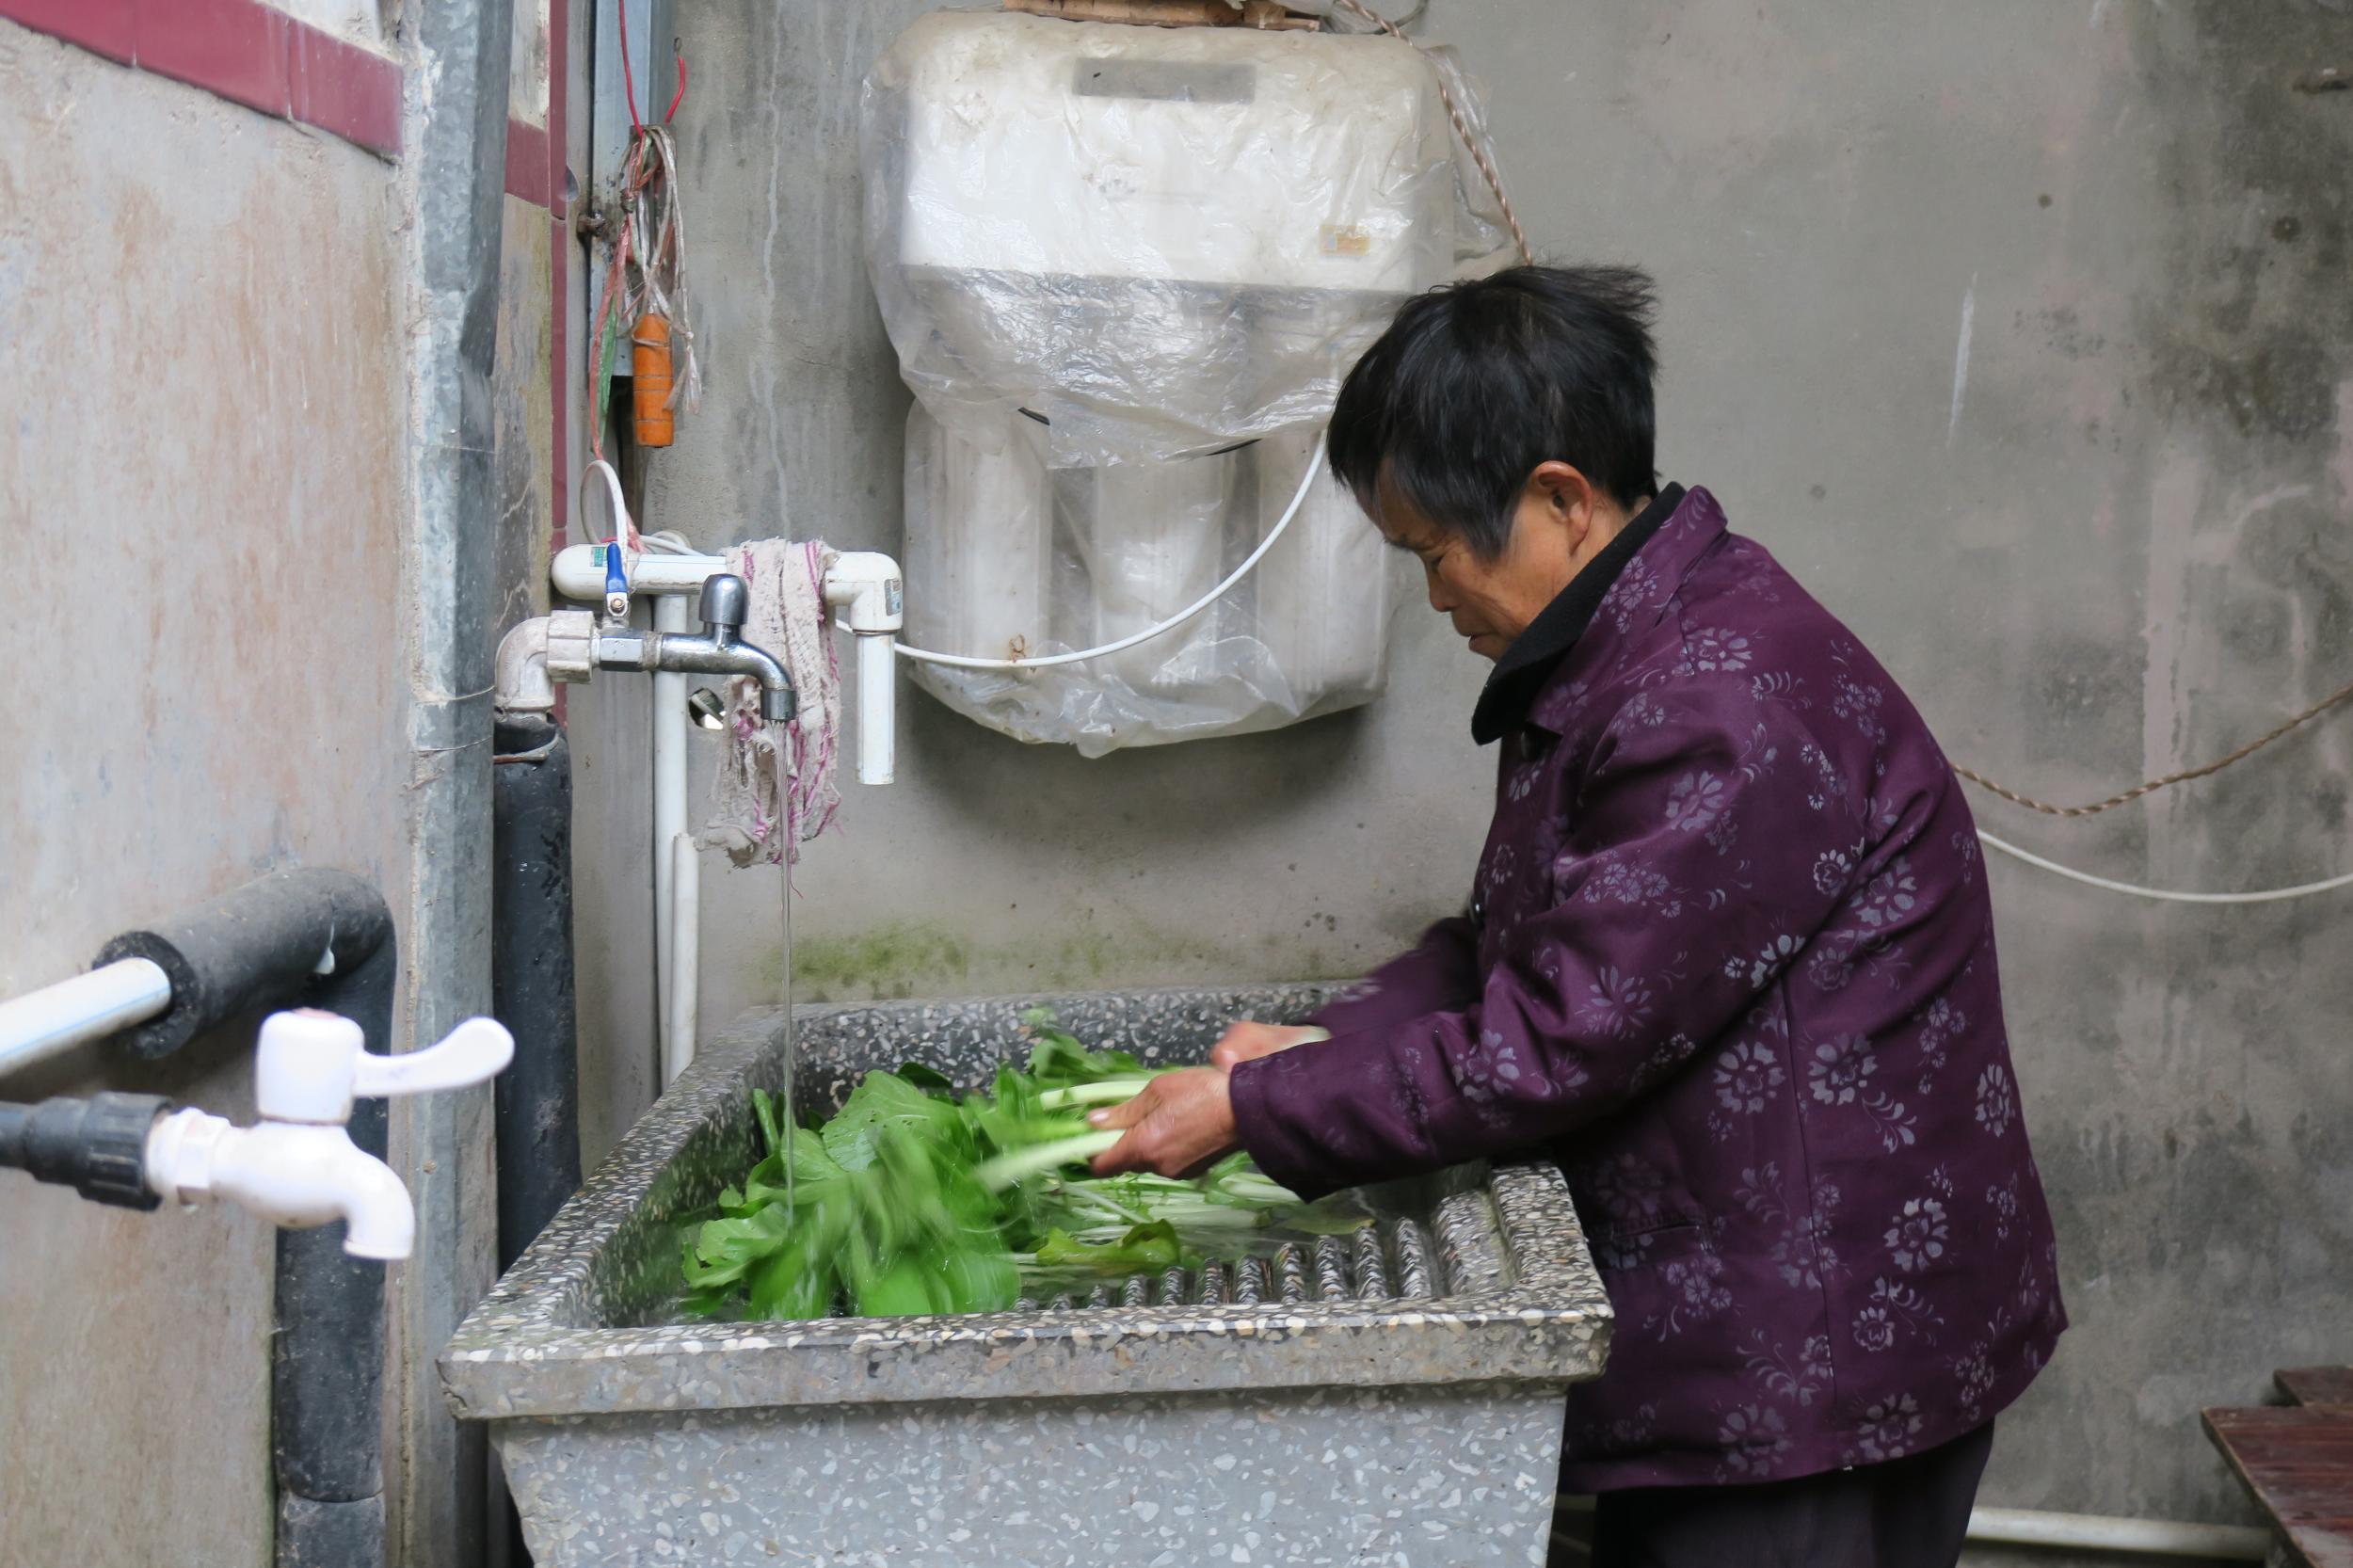 孩子眼中的榜样 安徽桐城一女村官用爱开展扶贫工作